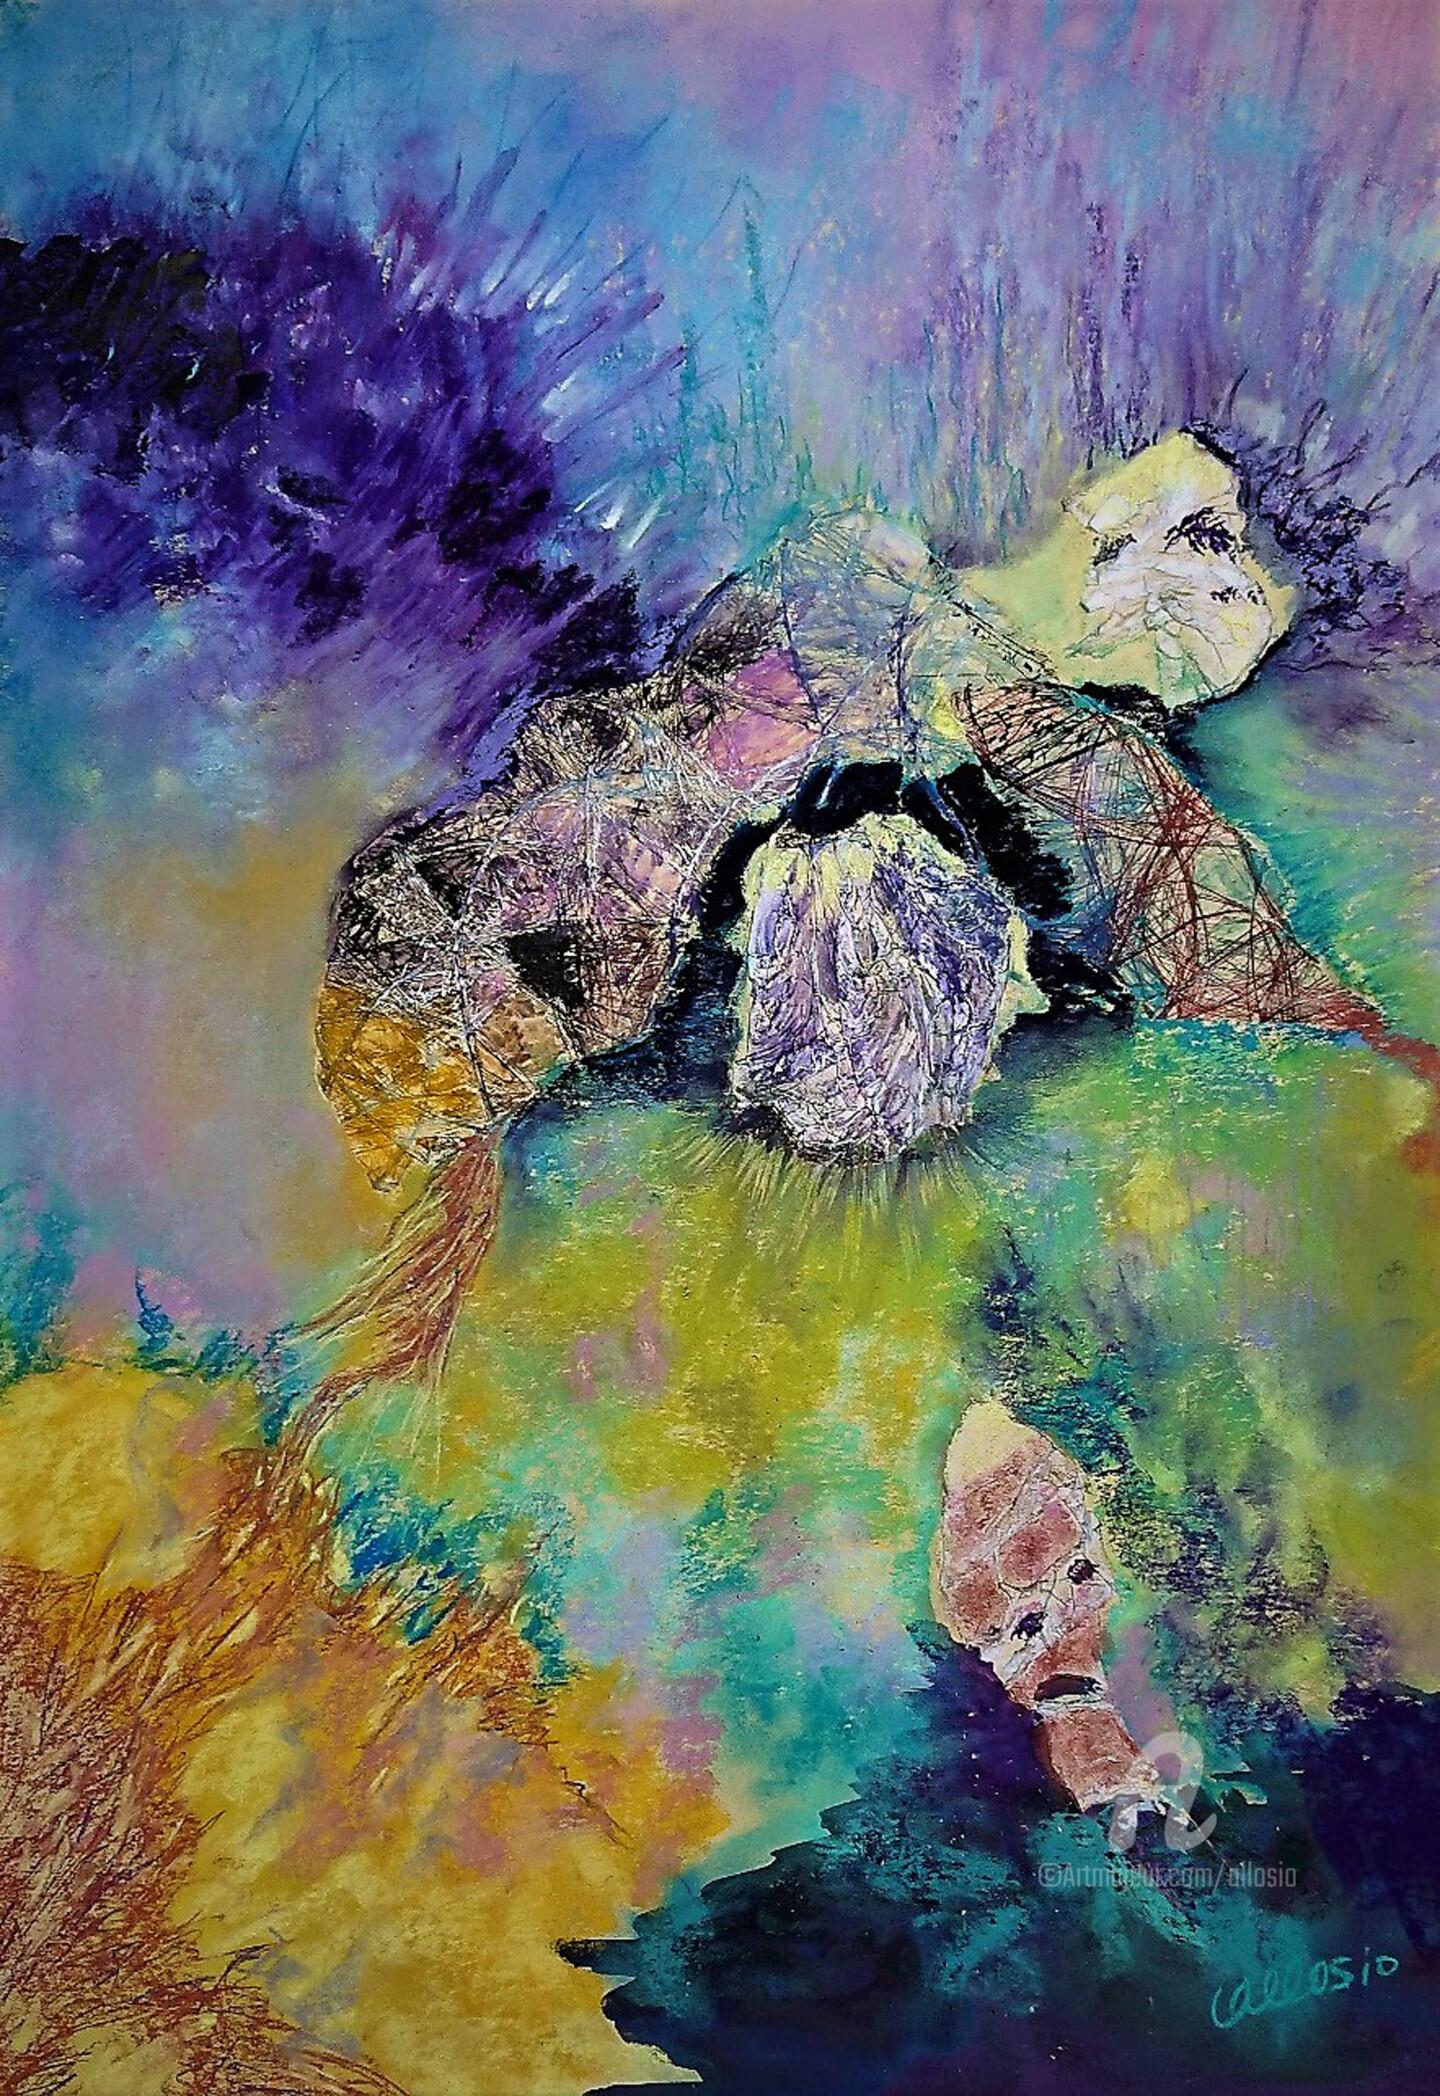 Claudette Allosio - Mystère en forêt